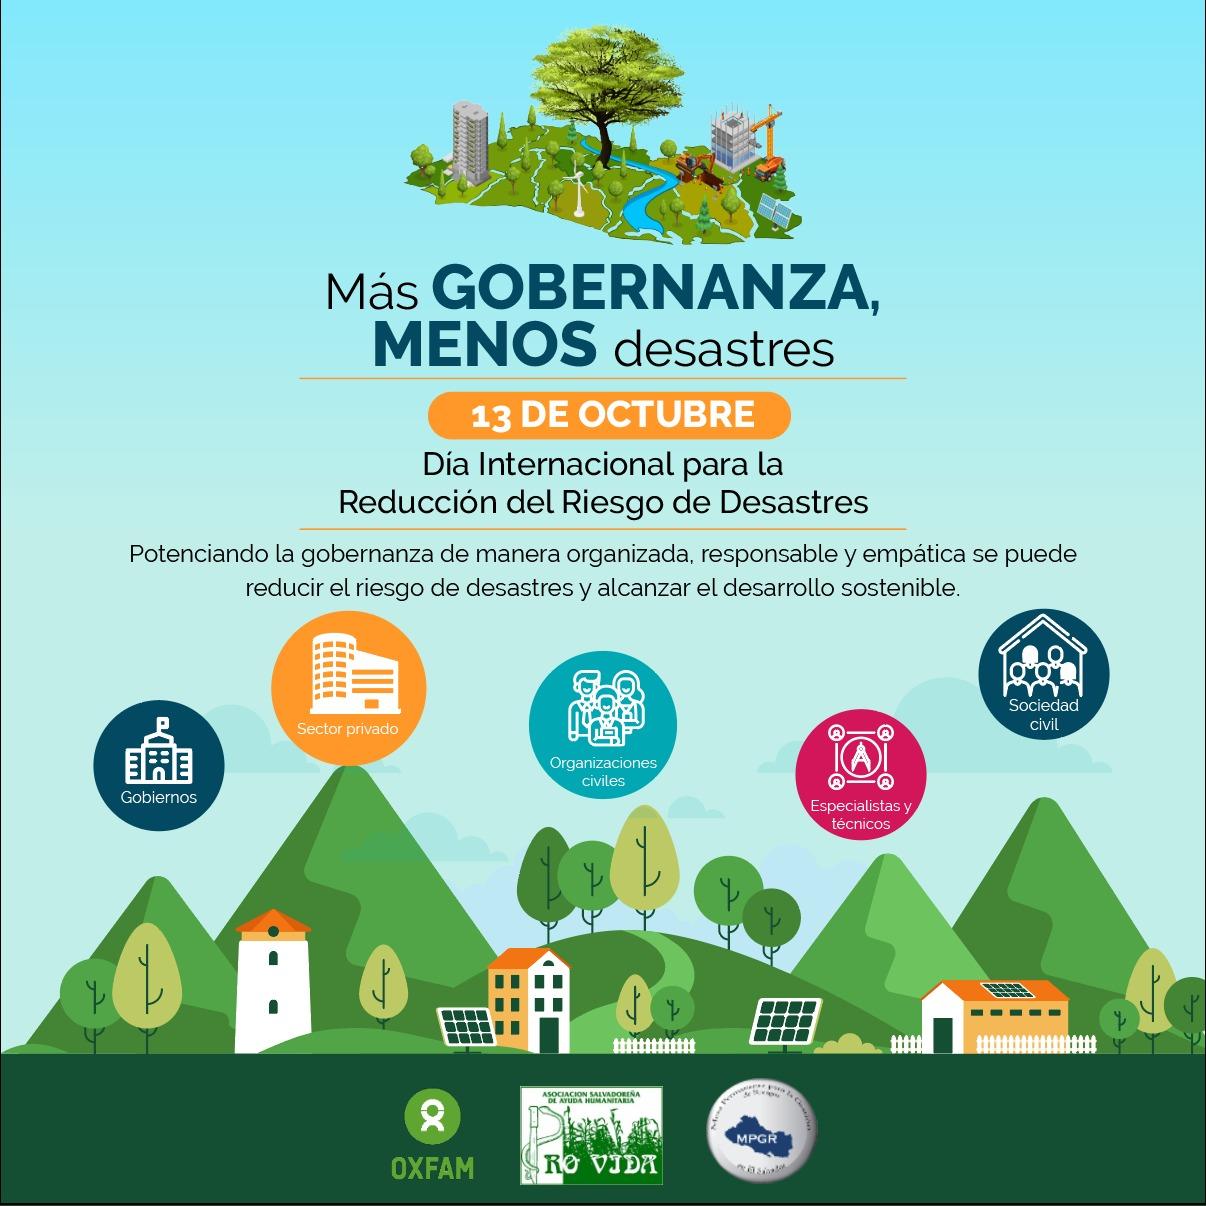 Más GOBERNANZA, MENOS desastres